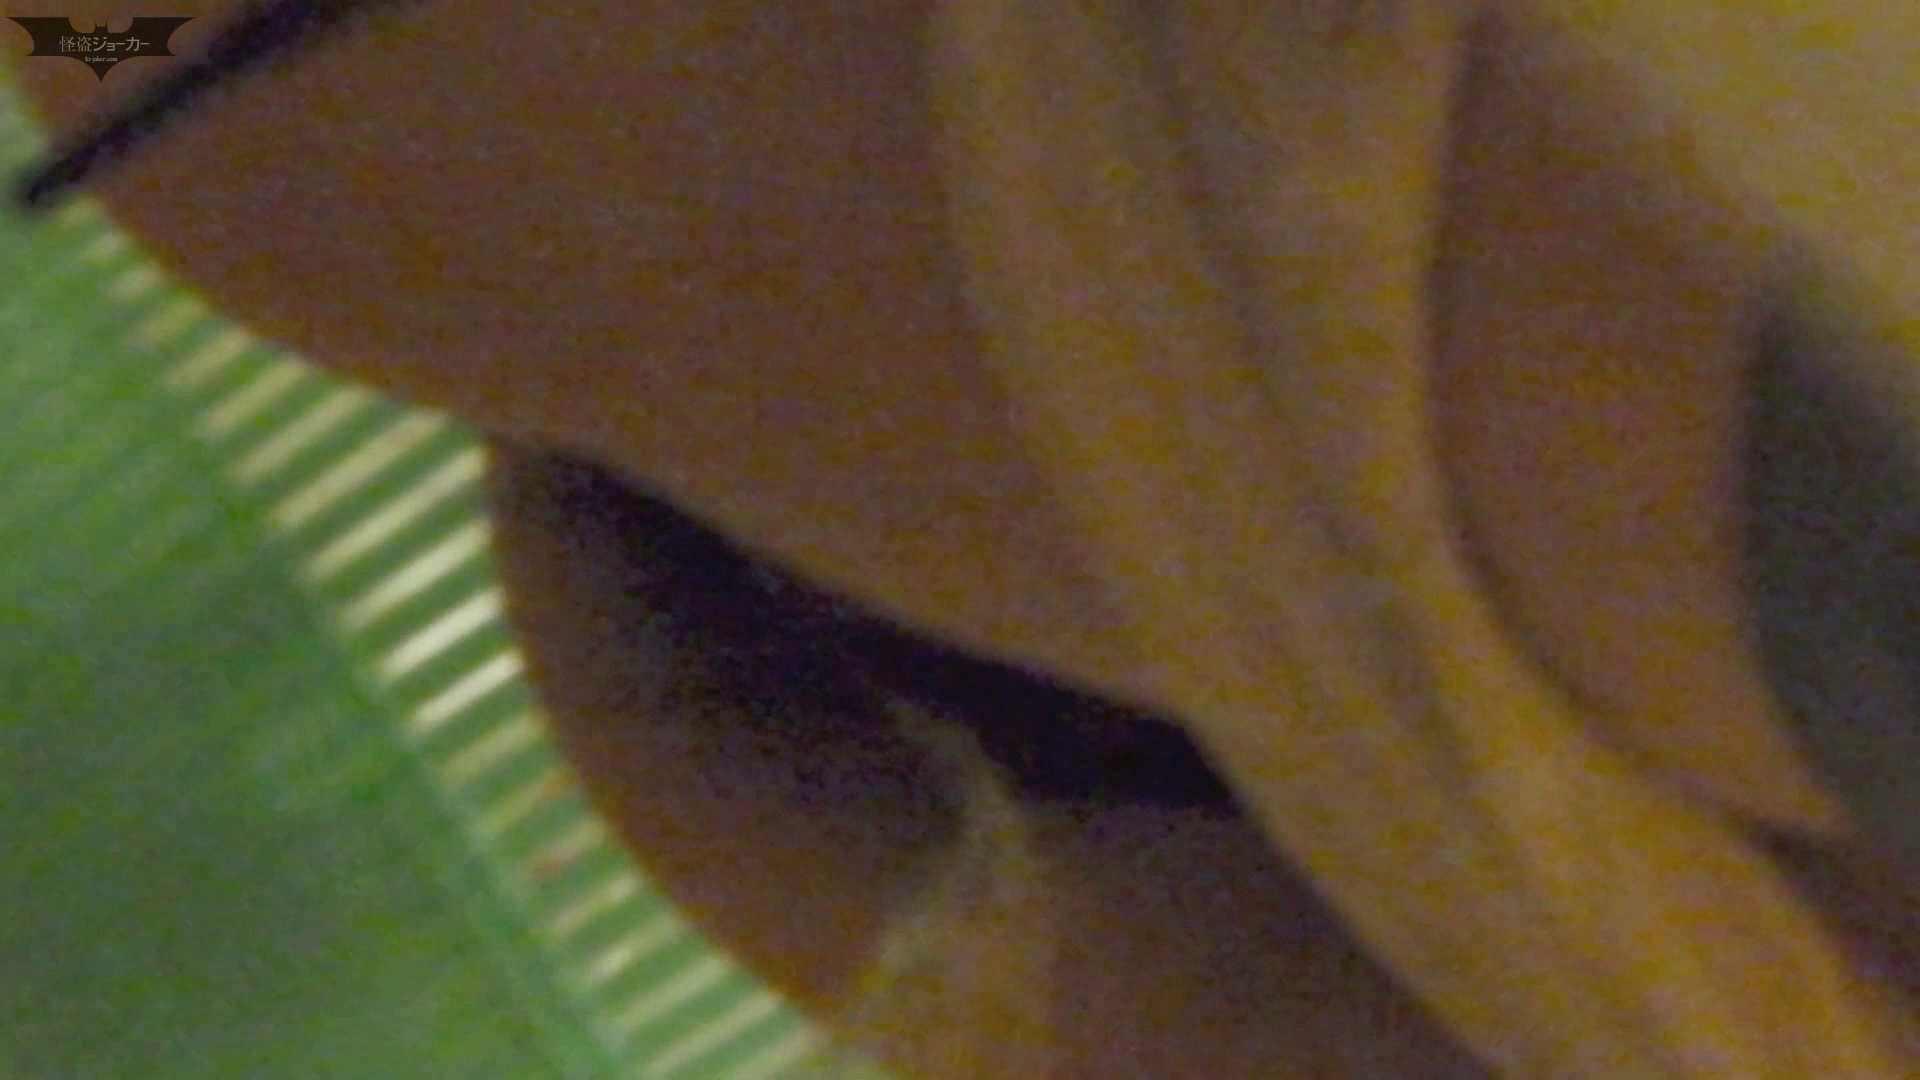 新世界の射窓 No64日本ギャル登場か?ハイヒール大特集! 洗面所着替え   ギャル・コレクション  95連発 3